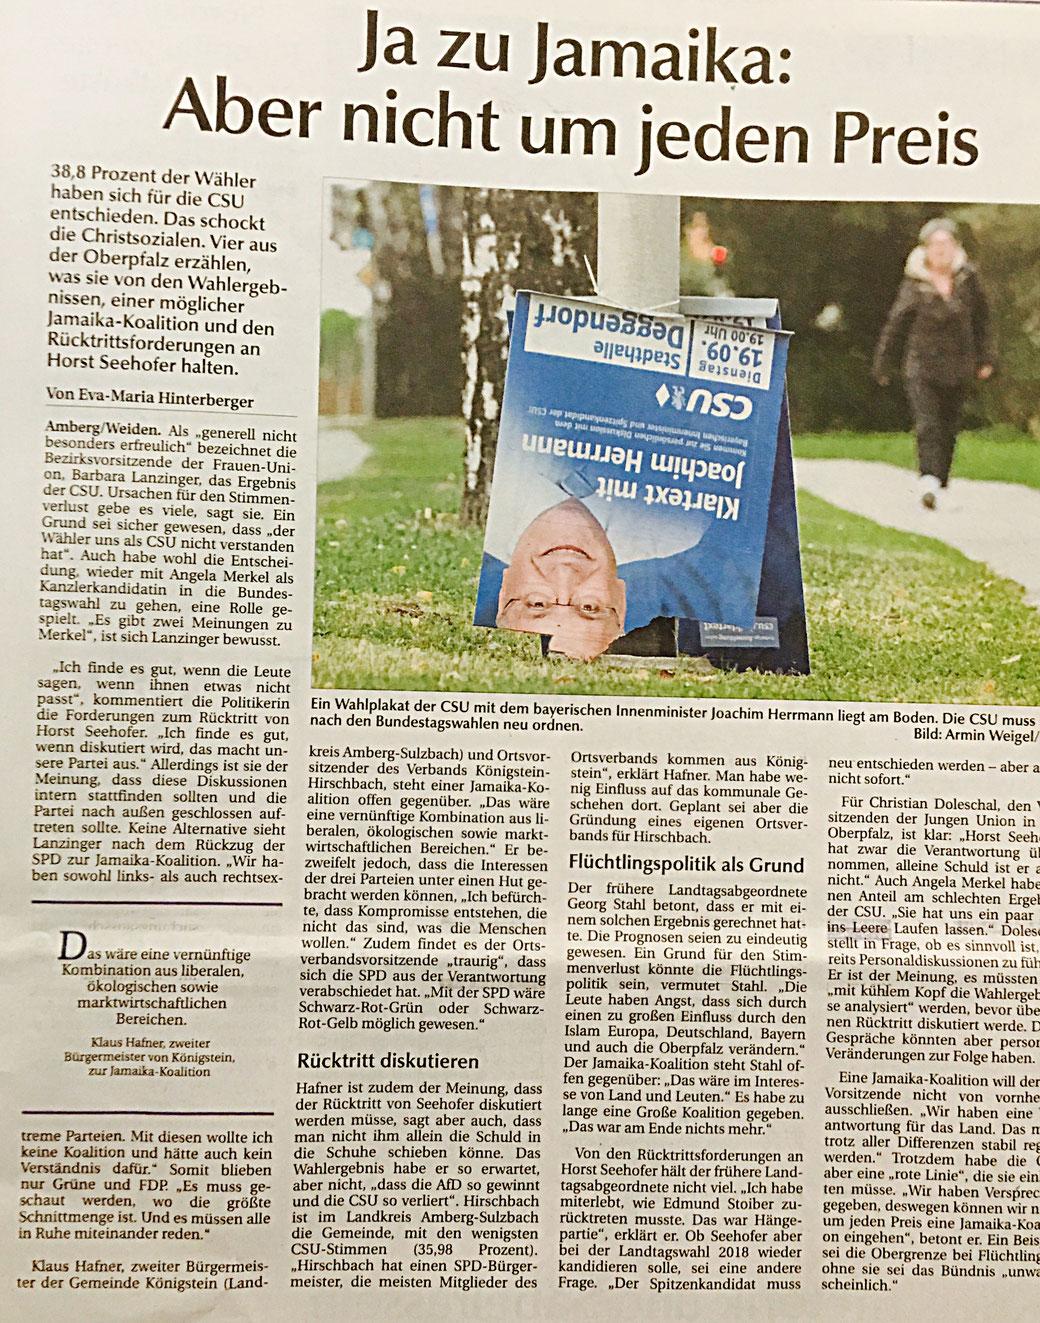 Klaus Hafner CSU Ortsverband Königstein Hirschbach Bundestagswahl 2017